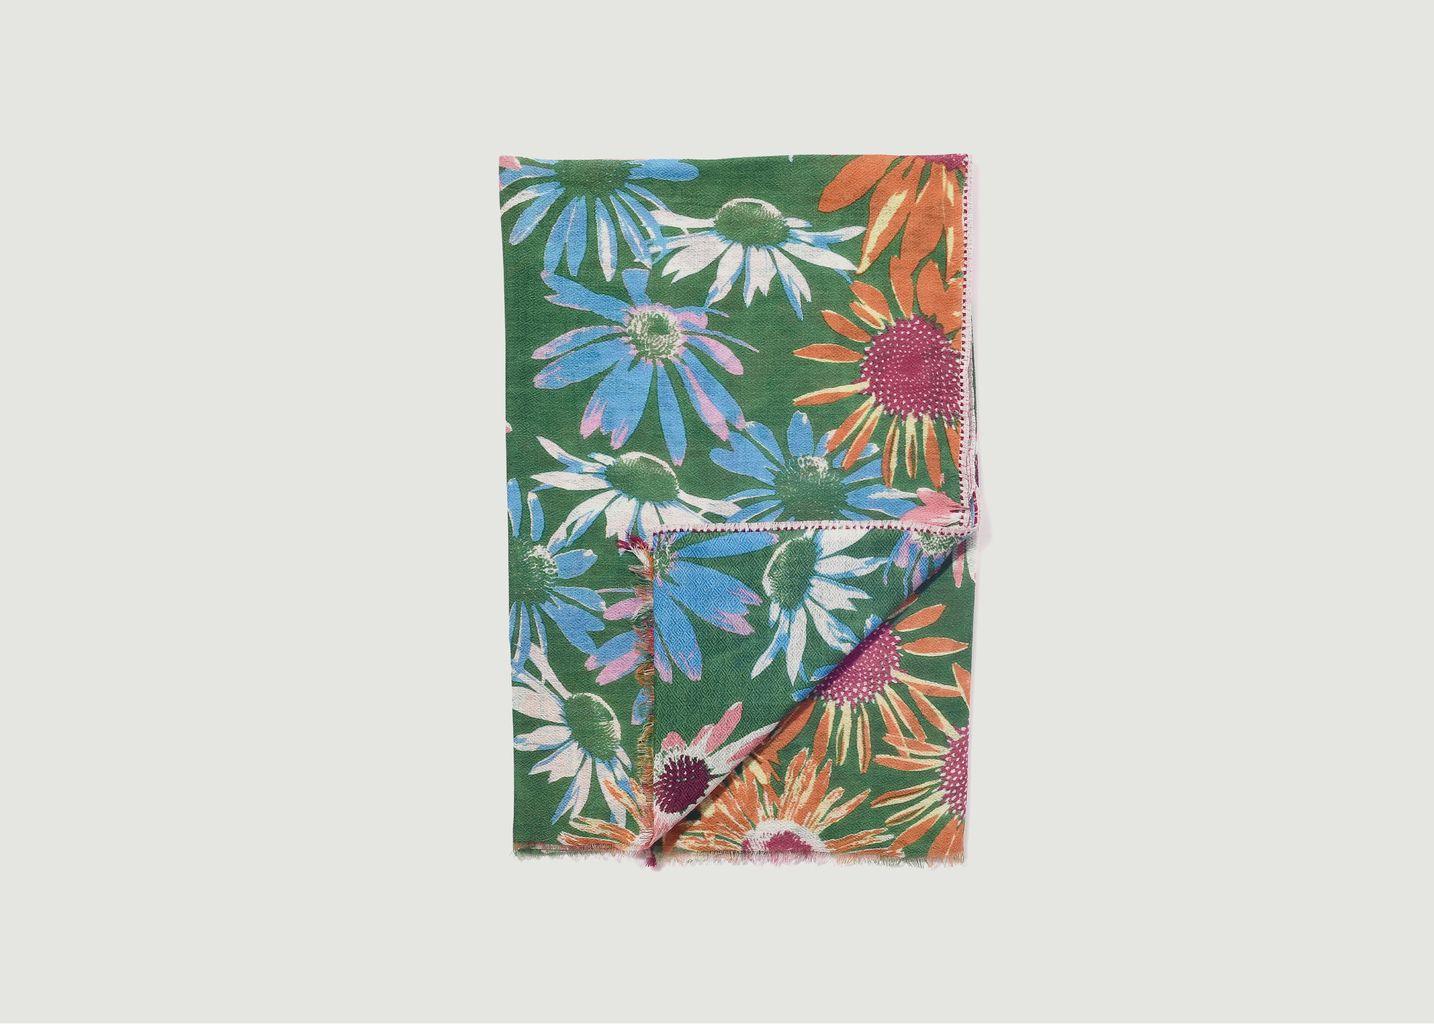 Etole en laine et cachemire motif fleuri SW 2170 - Epice